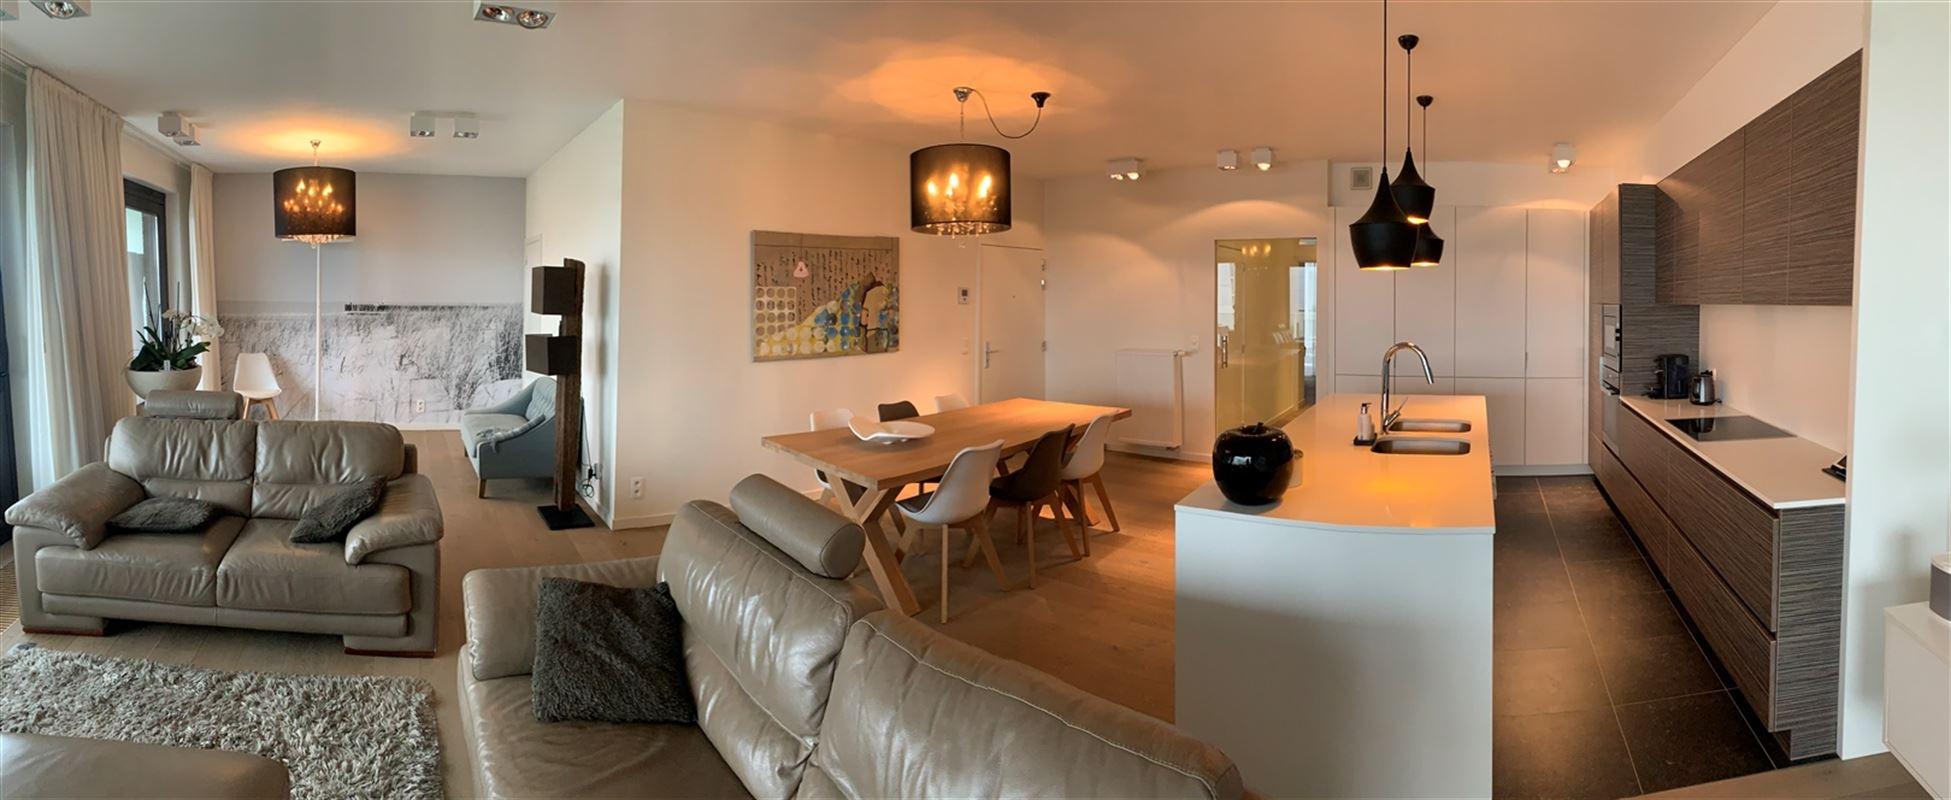 Foto 6 : Appartement te 8620 NIEUWPOORT (België) - Prijs € 650.000